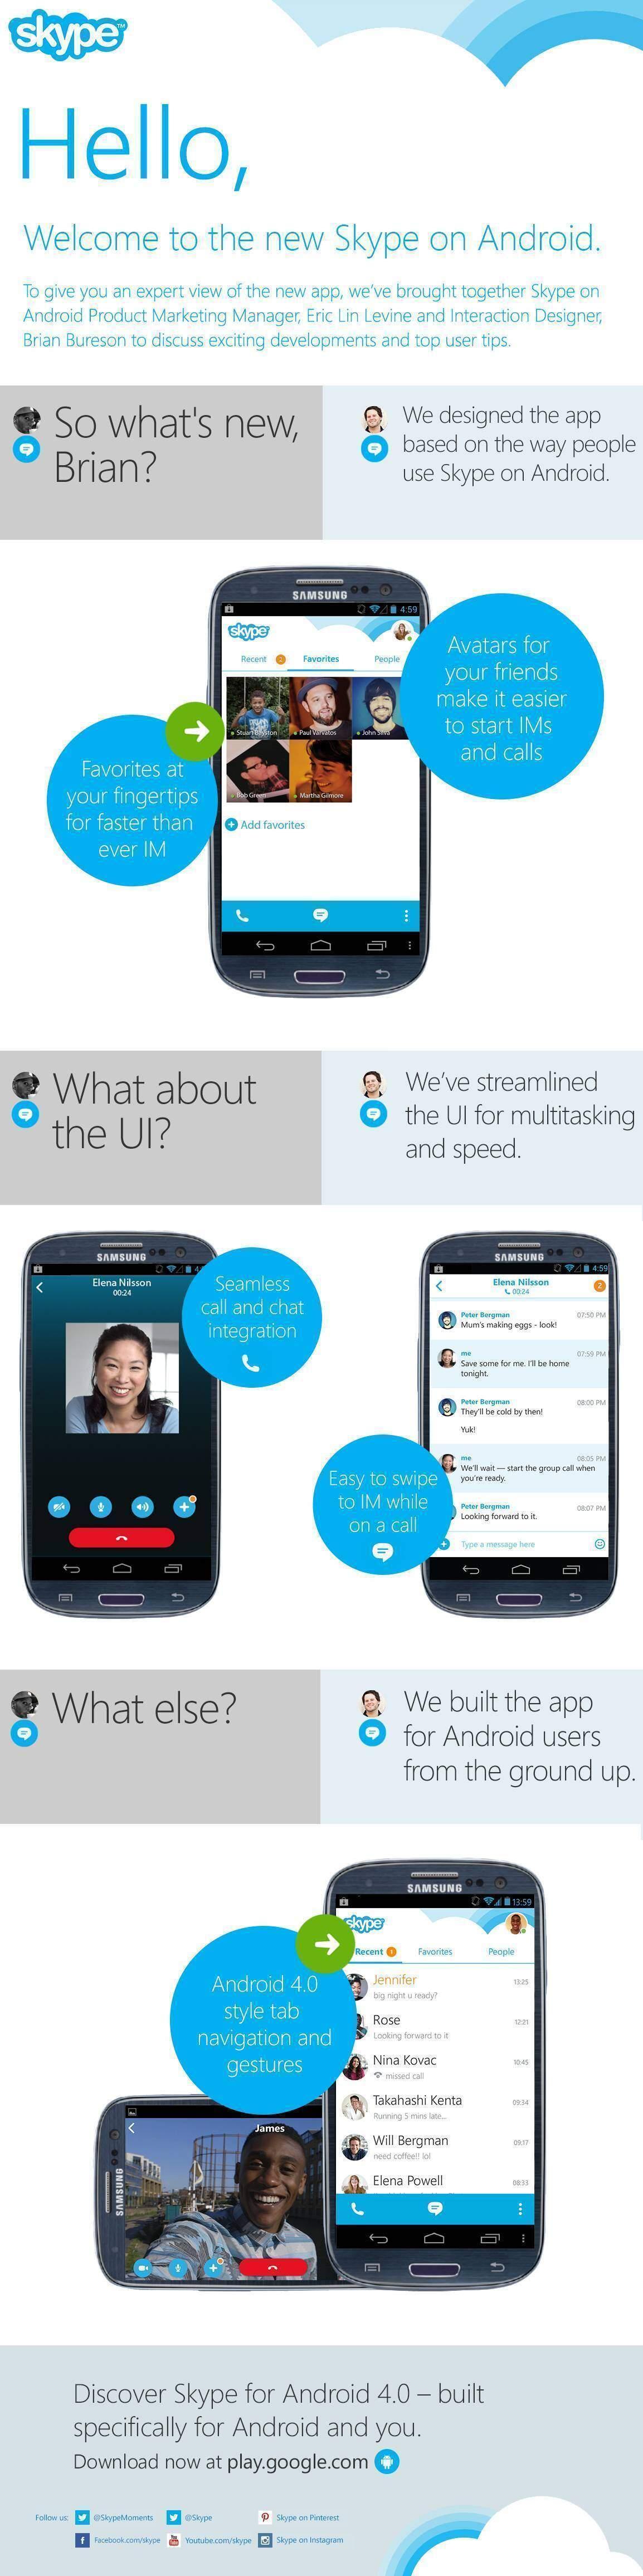 SkypeANDROID_Infographic